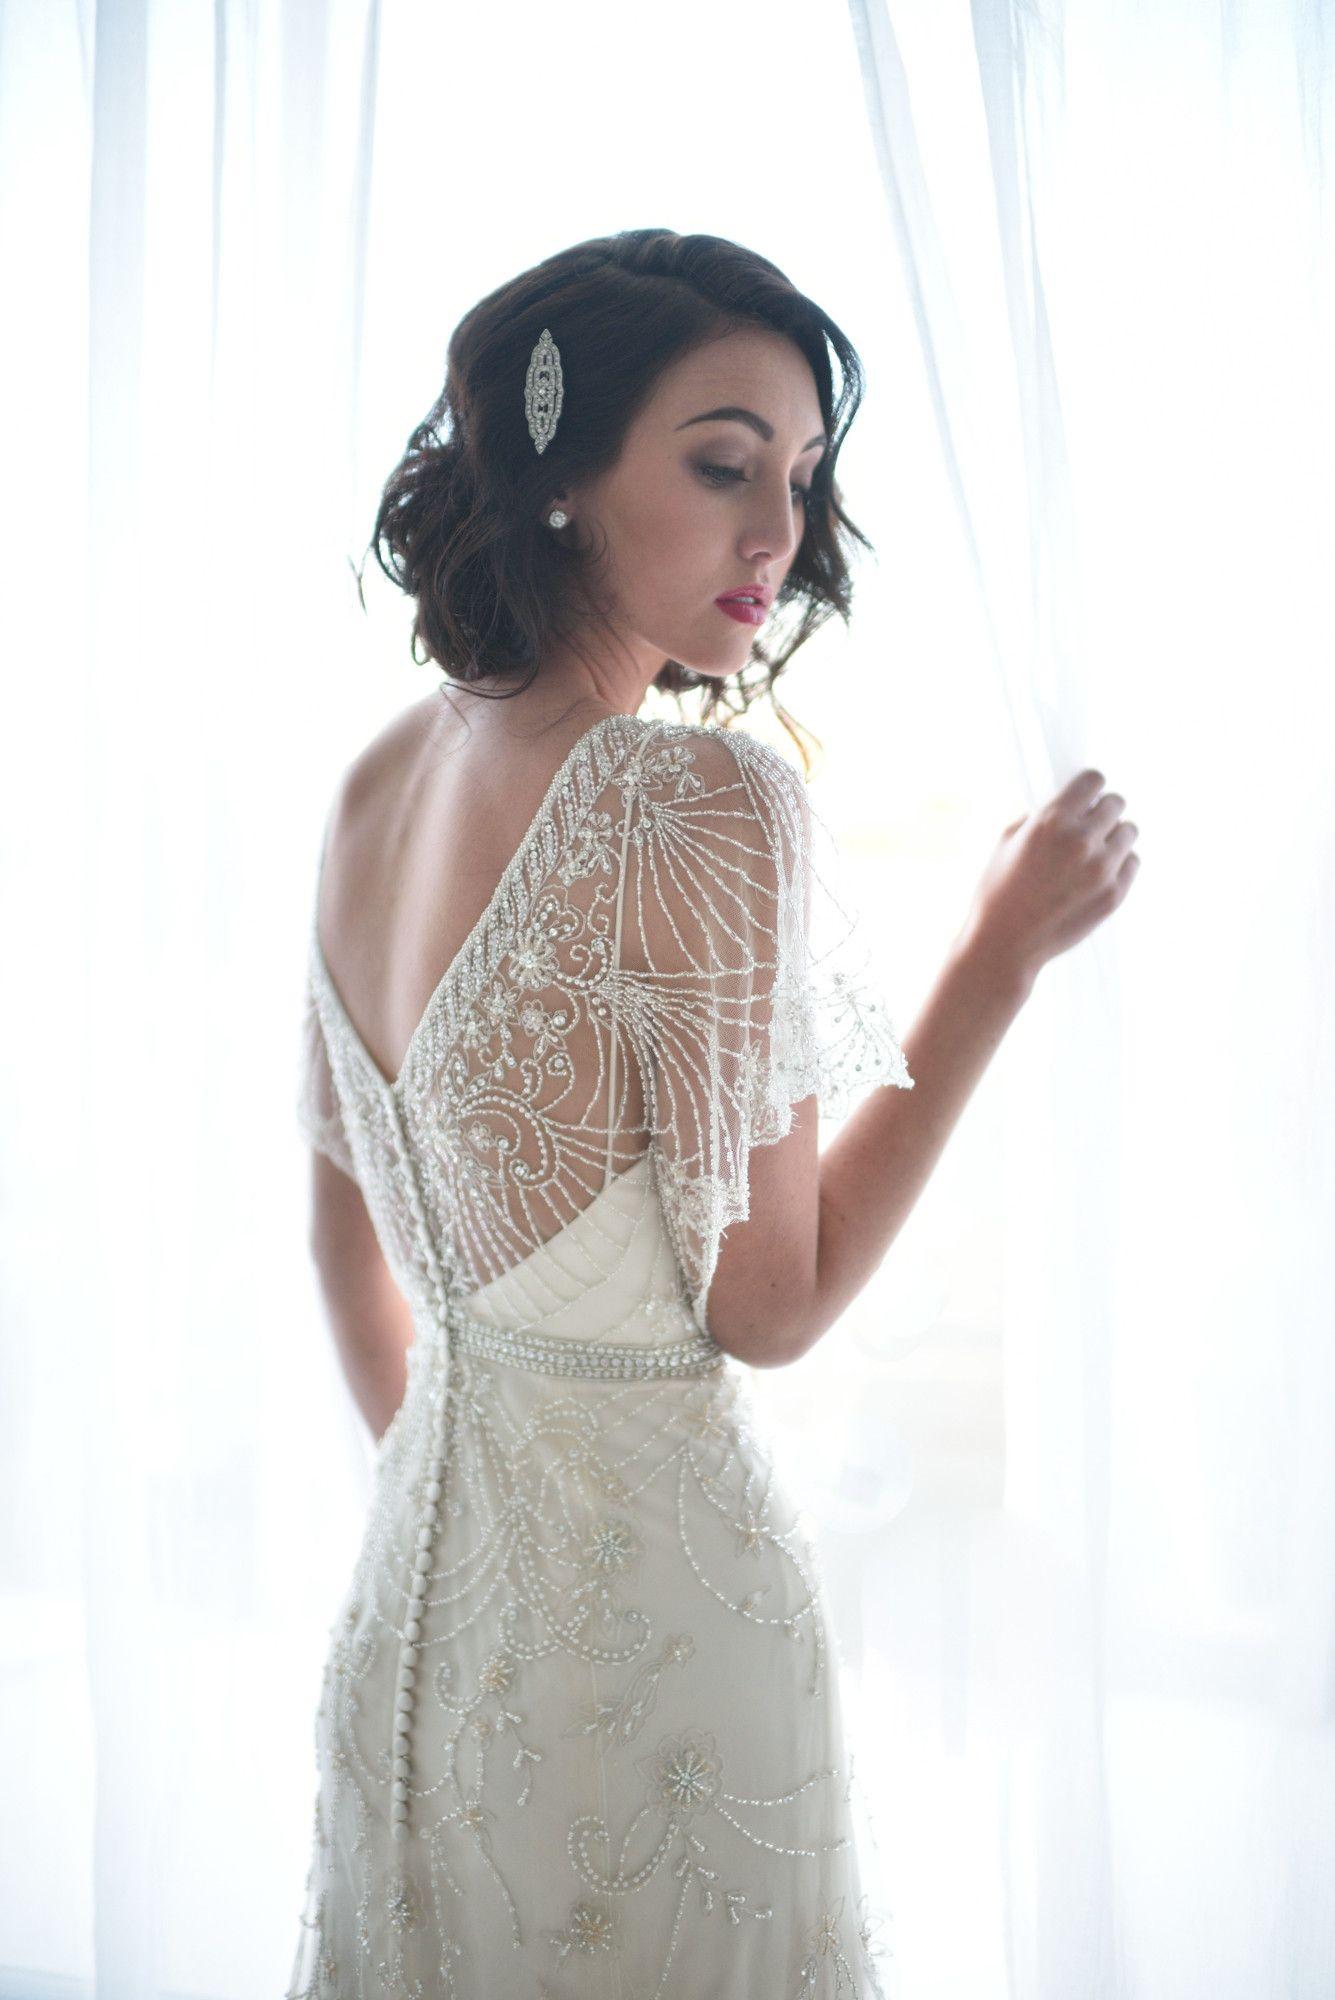 picture Rosita Capuyon (b. ?)